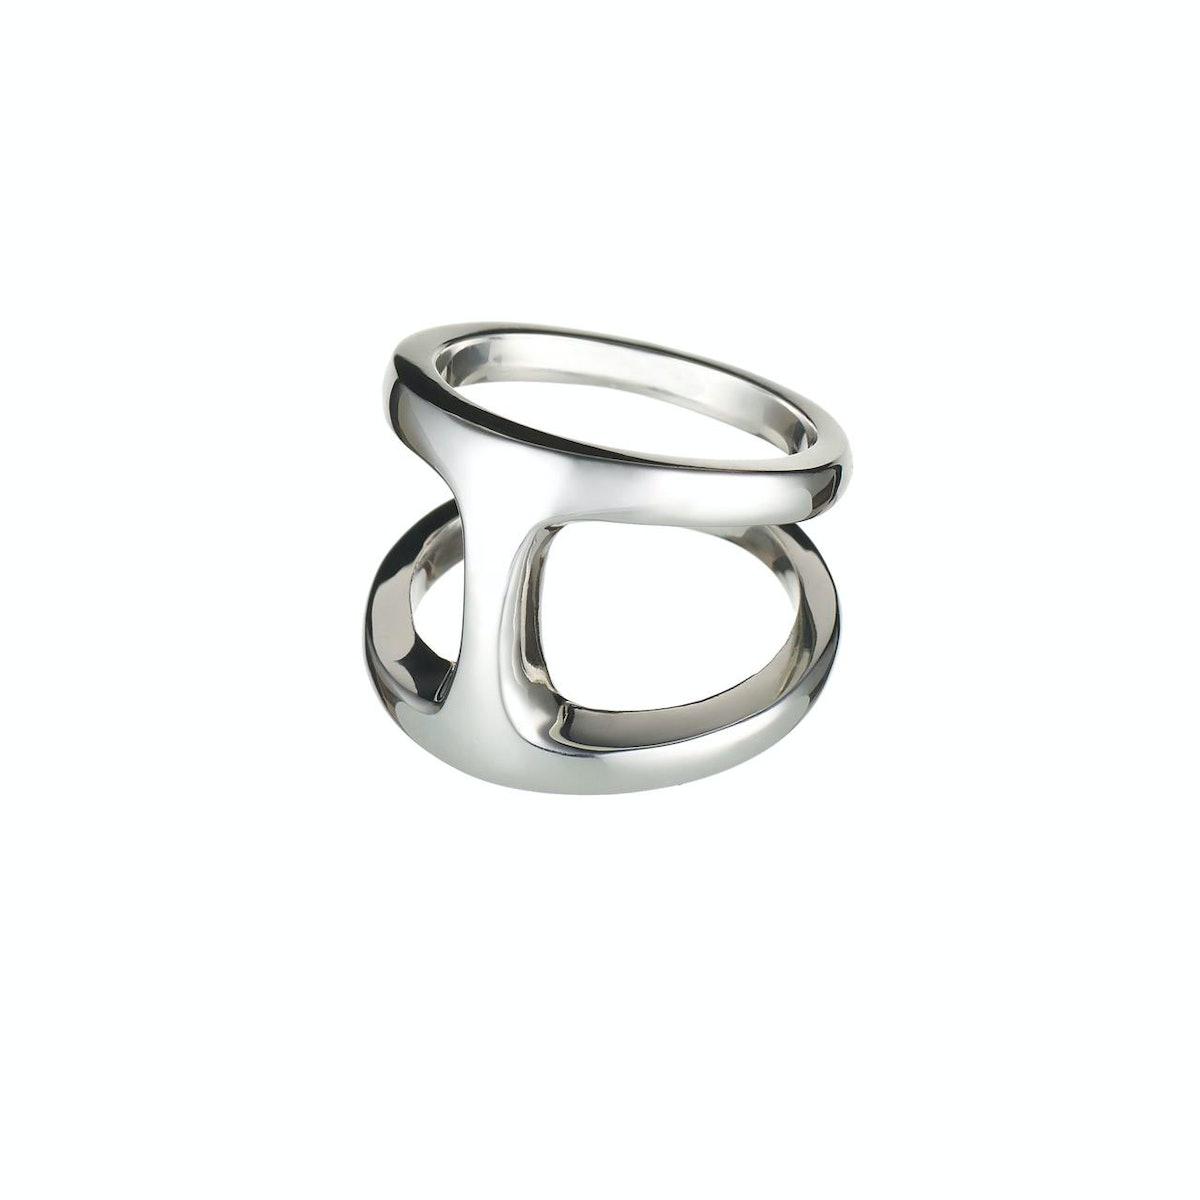 __For the tough girl:__ HOORSENBUHS sterling silver Dame Phantom ring, [barneys.com](http://www.barn...